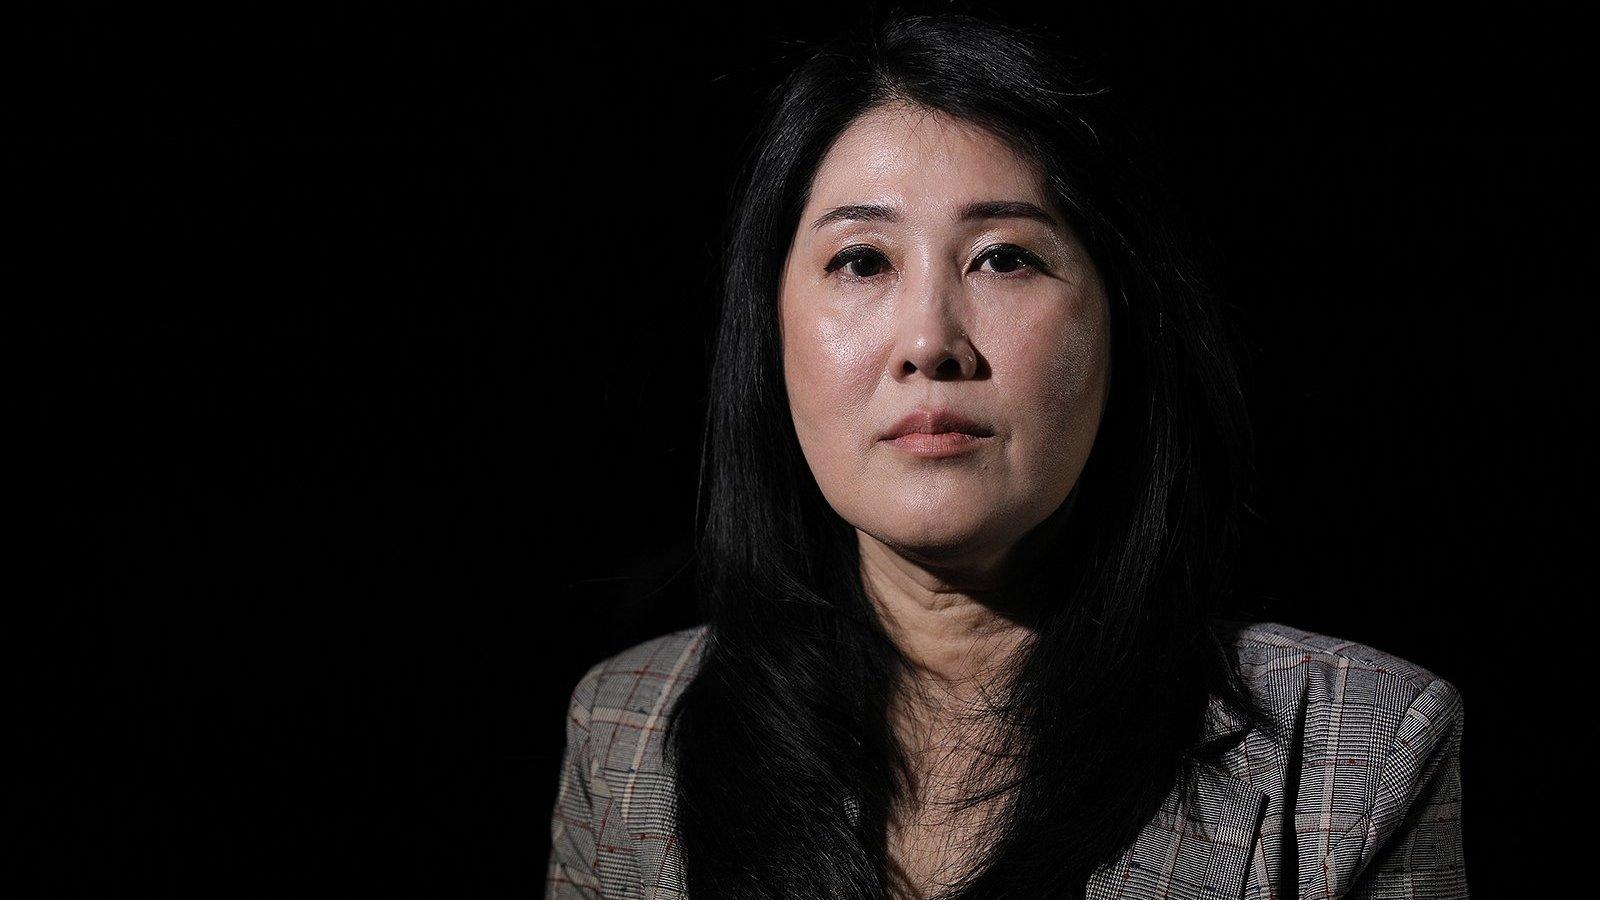 """วันเฉลิม: พี่สาวผู้ยอมทิ้งทุกอย่างเพื่อตามหาน้องชายวอน """"ถ้าเขาเสียชีวิตไปแล้ว ก็ขอให้ได้พบศพ"""""""